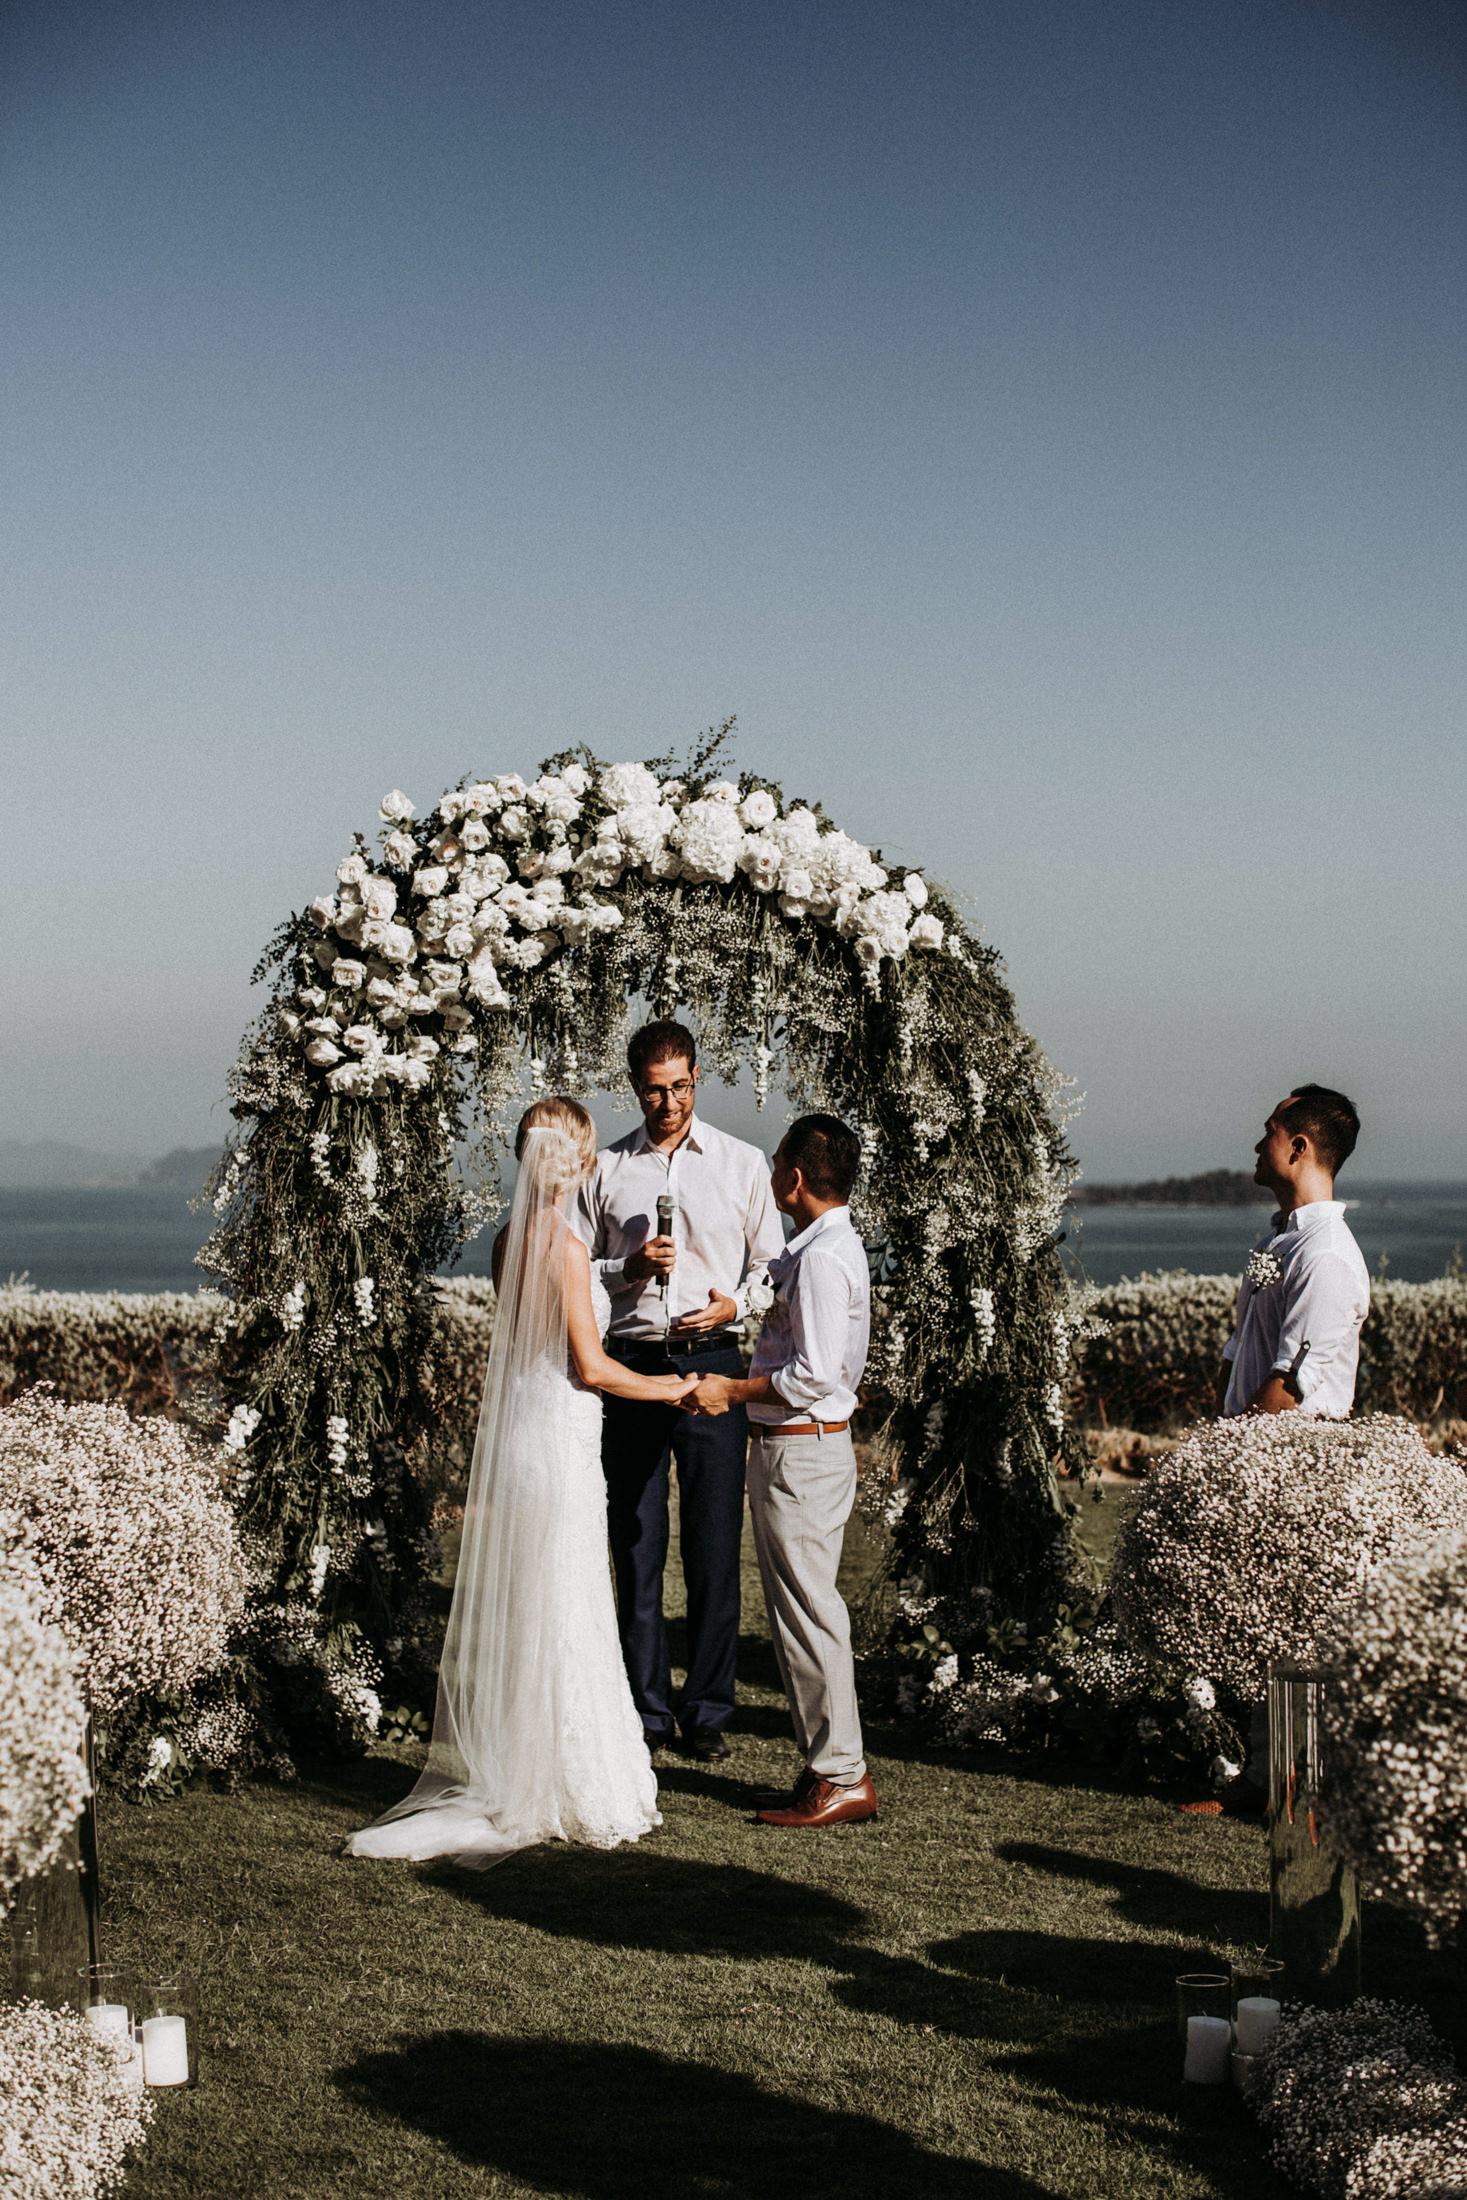 DanielaMarquardt_Wedding_Thailand_253